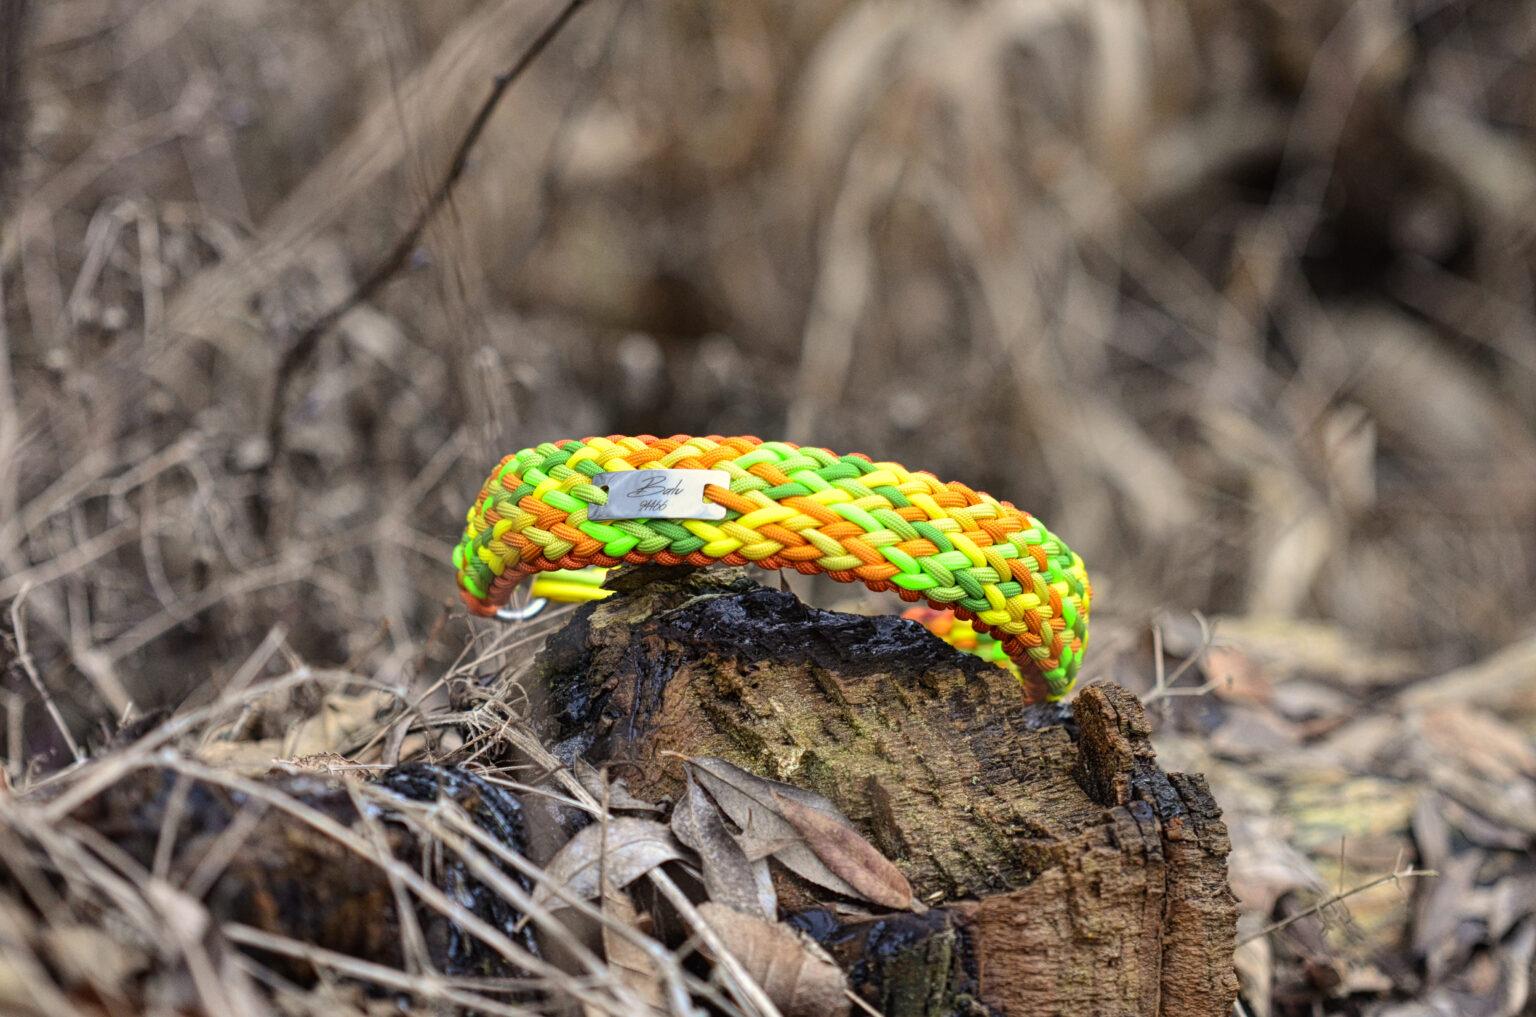 Das Grün, Gelb und Orange macht mit seinen lustigen Farben sofort gute Laune und strahlt mit dem Schäferhund Balu um die Wette.